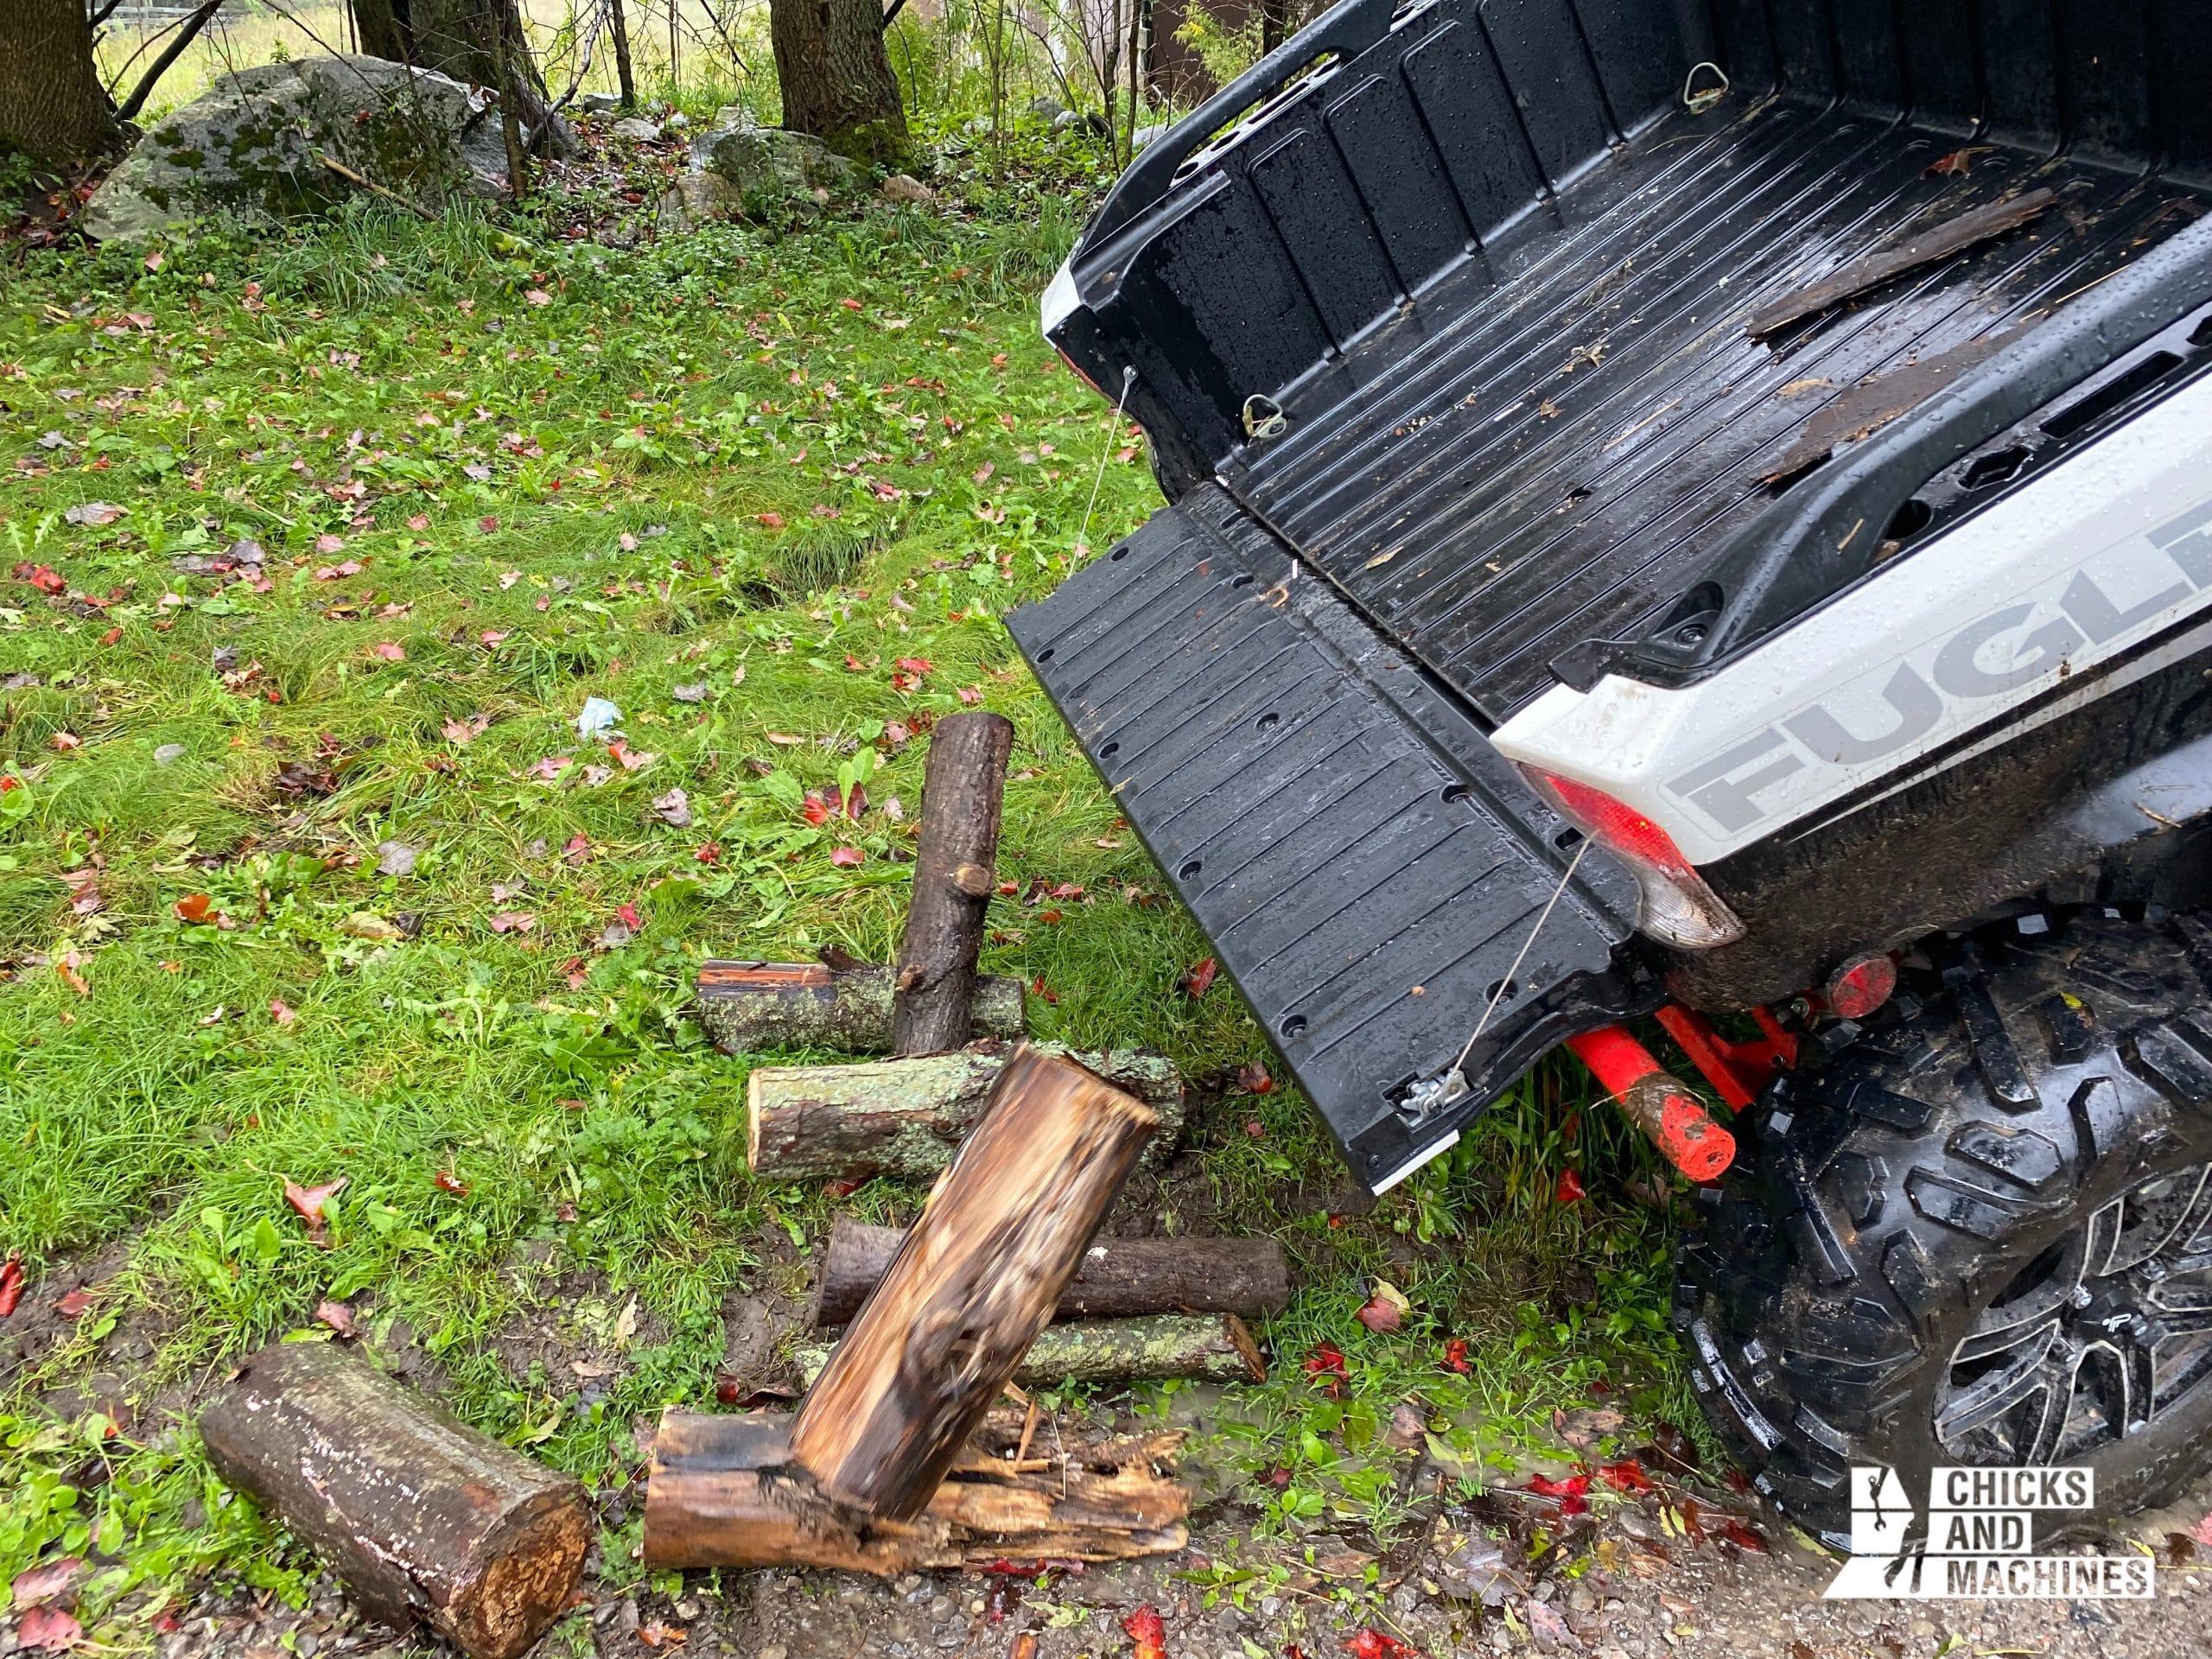 Le système de versement du coffre arrière fonctionne très bien et est très pratique.